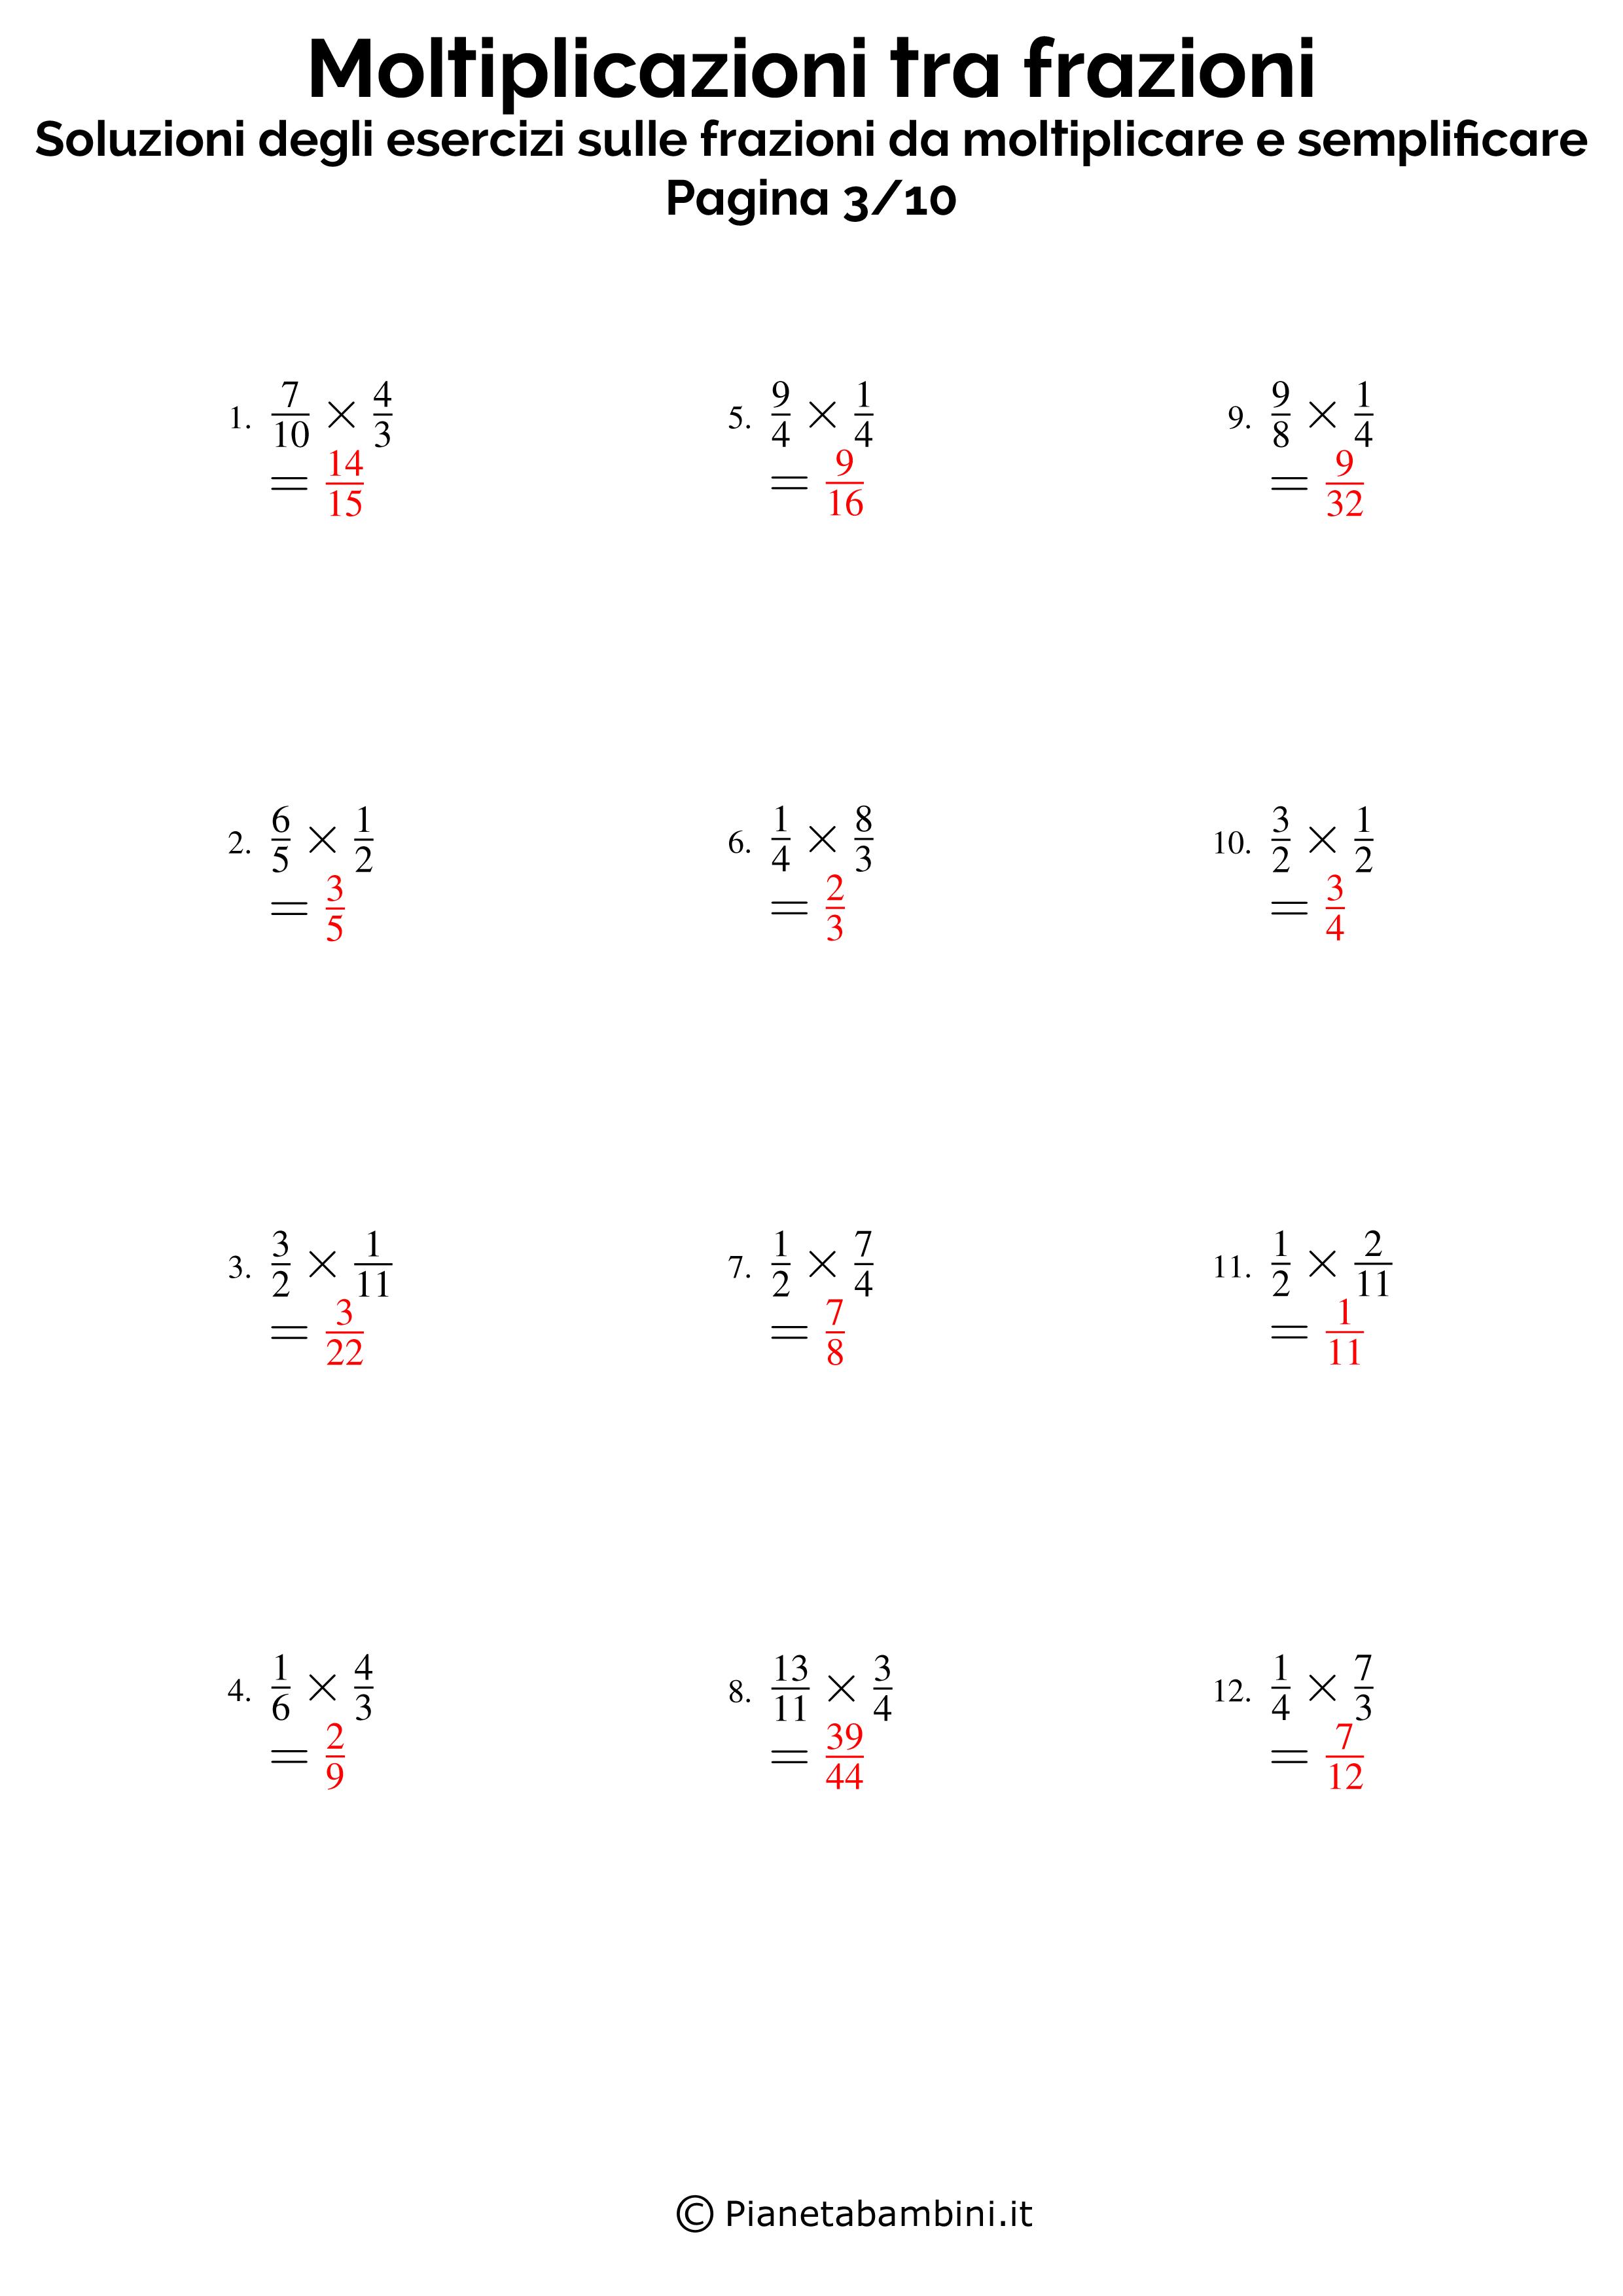 Soluzioni-Frazioni-Moltiplicare-Semplificare_03